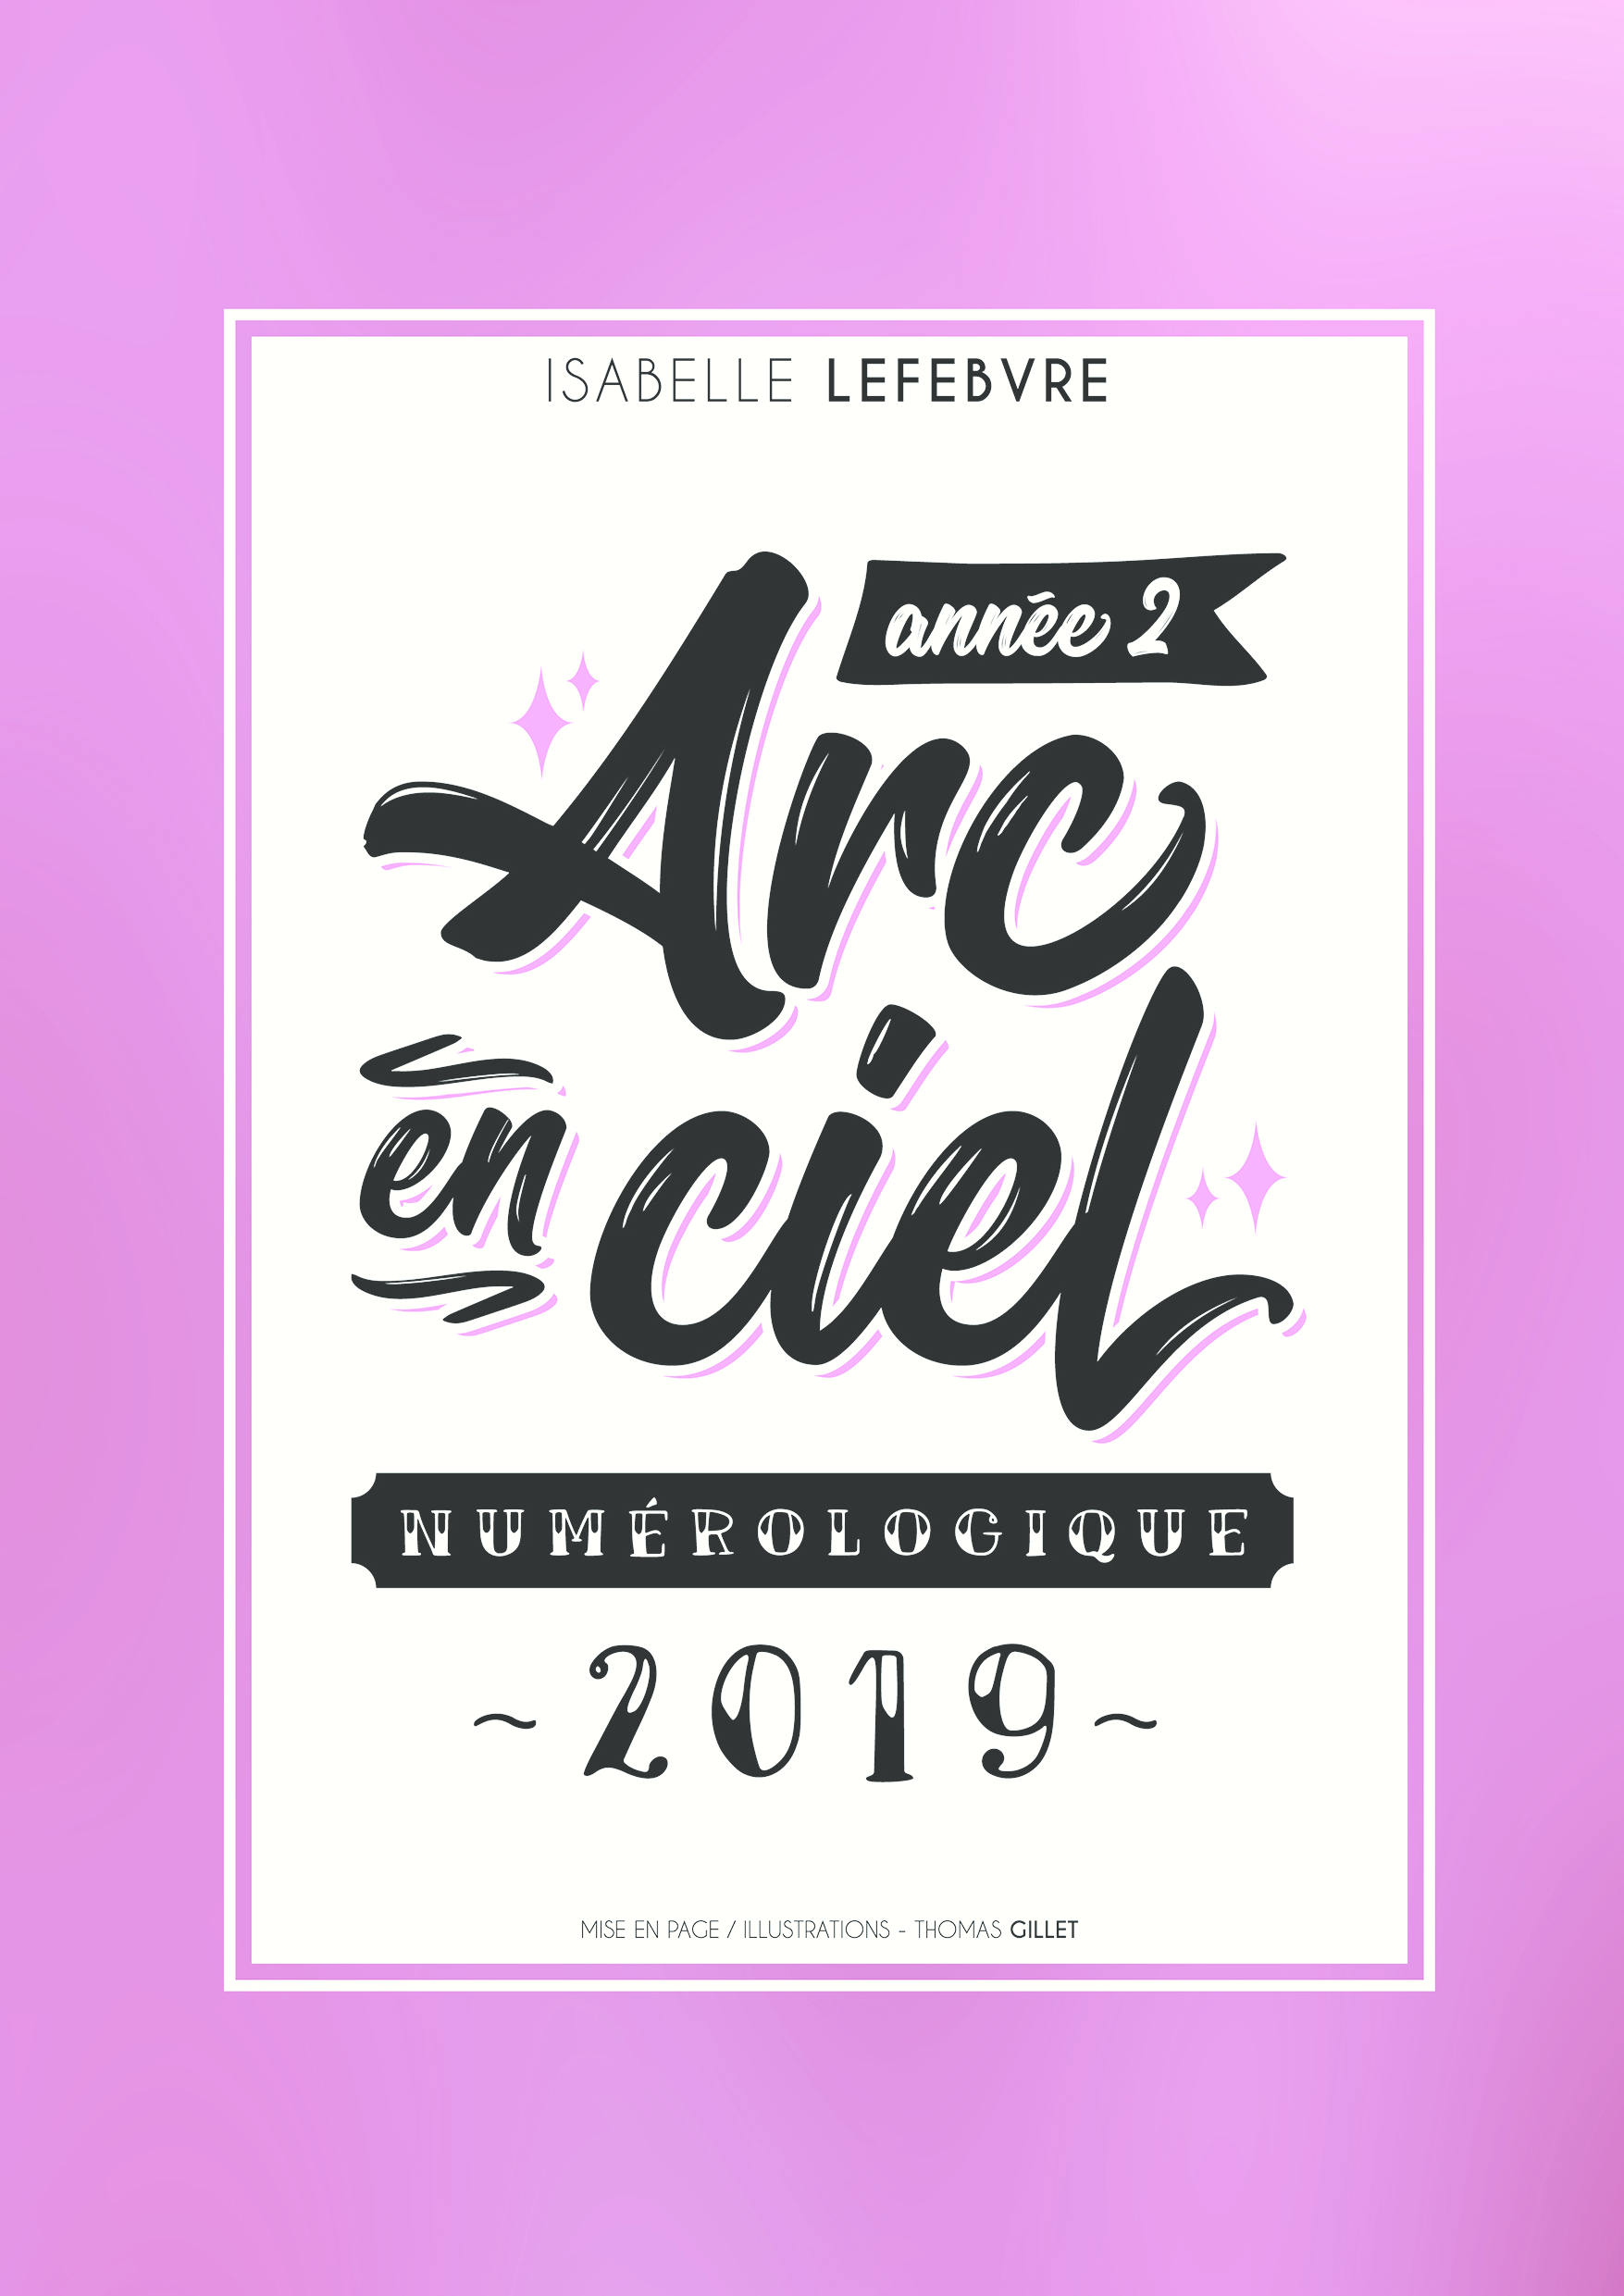 L'ARC EN CIEL NUMÉROLOGIQUE 2019 - 2